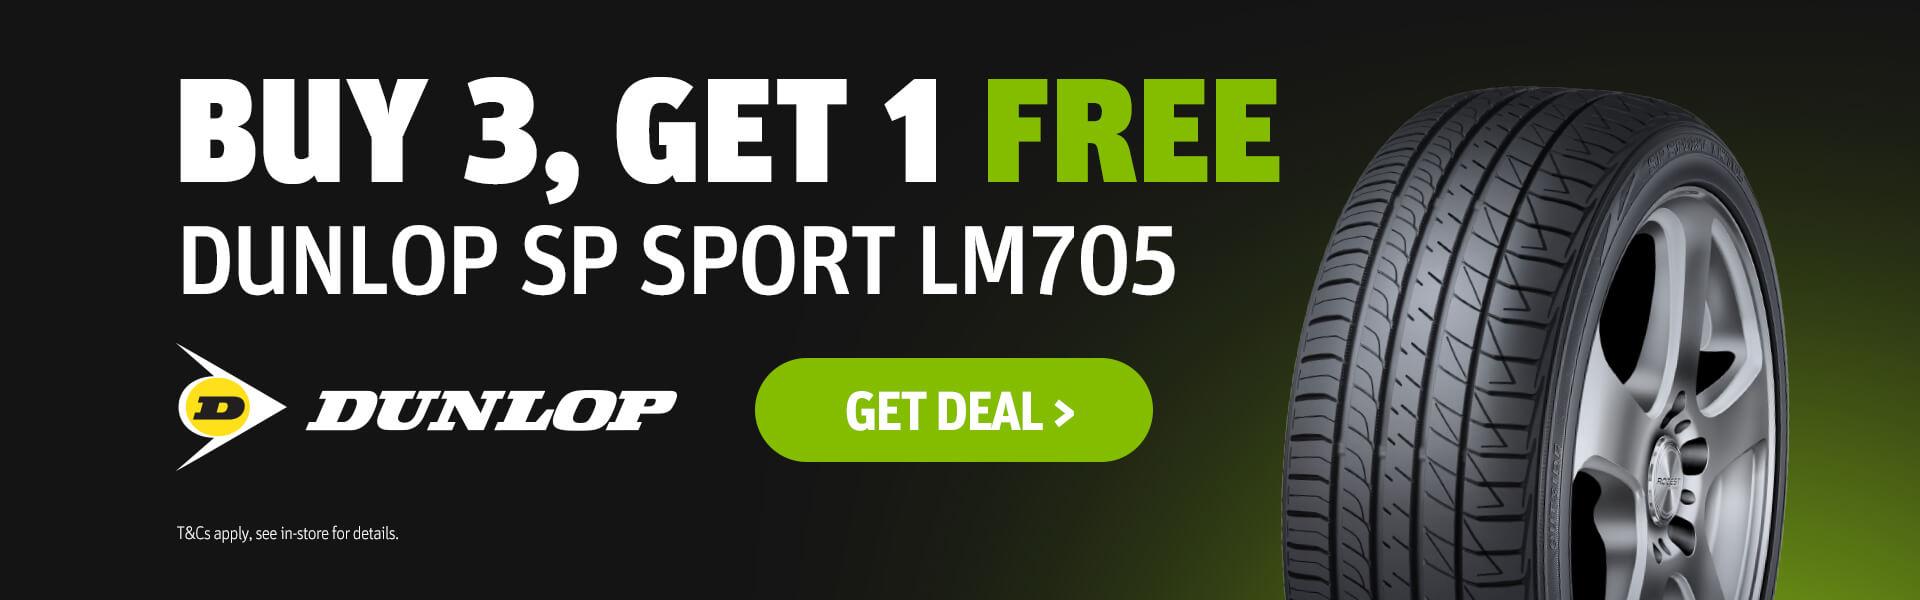 Dunlop SP SPORT LM705 - Buy 3 Get 1 FREE